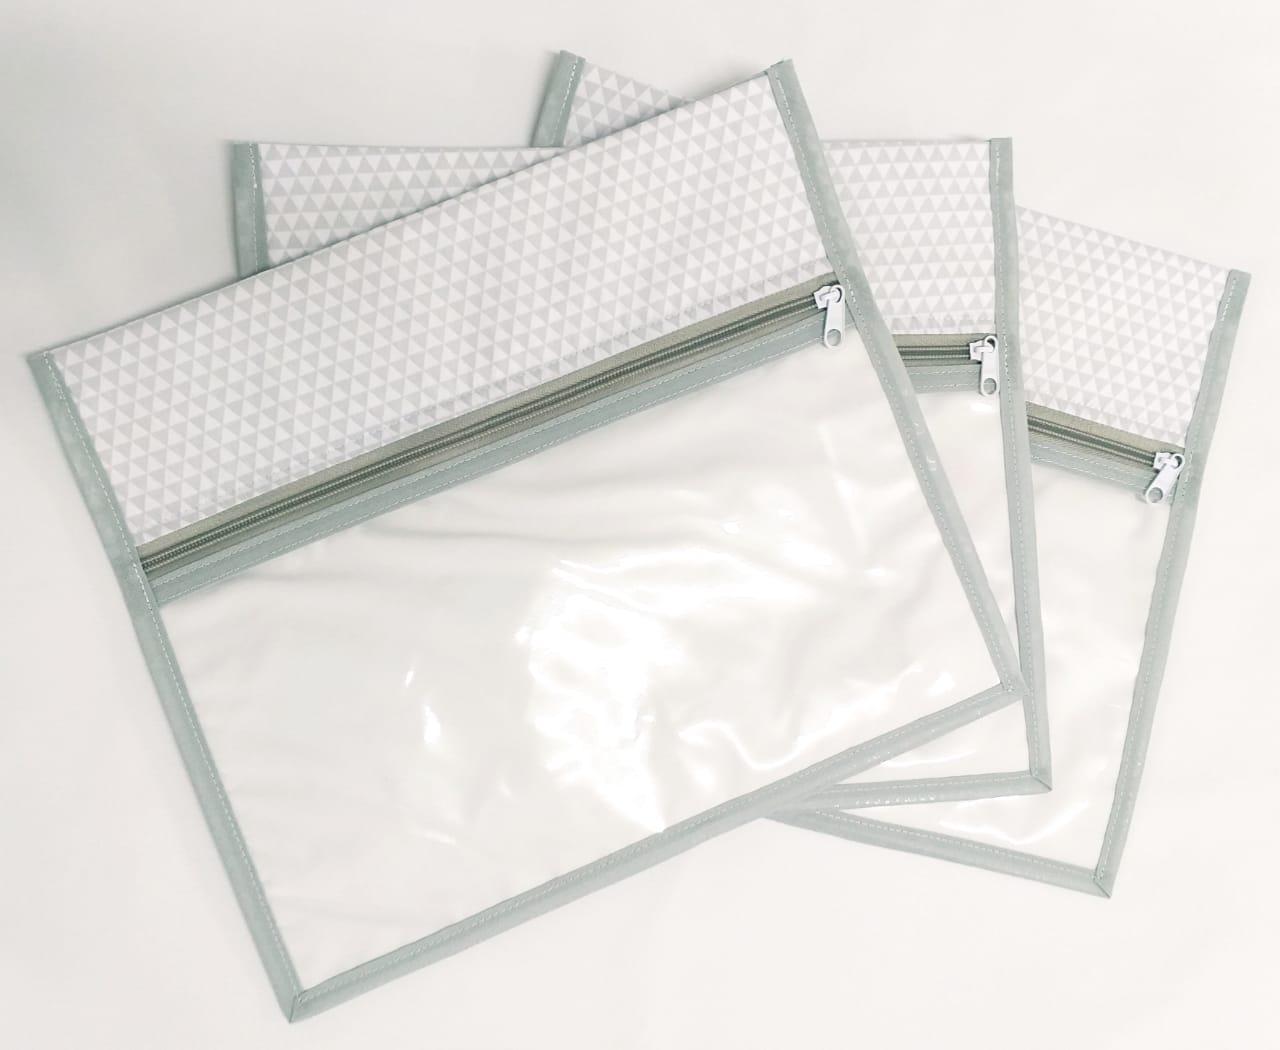 Kit Maternidade Triângulos Cinza - 3 Saquinhos E 2 Necessaires